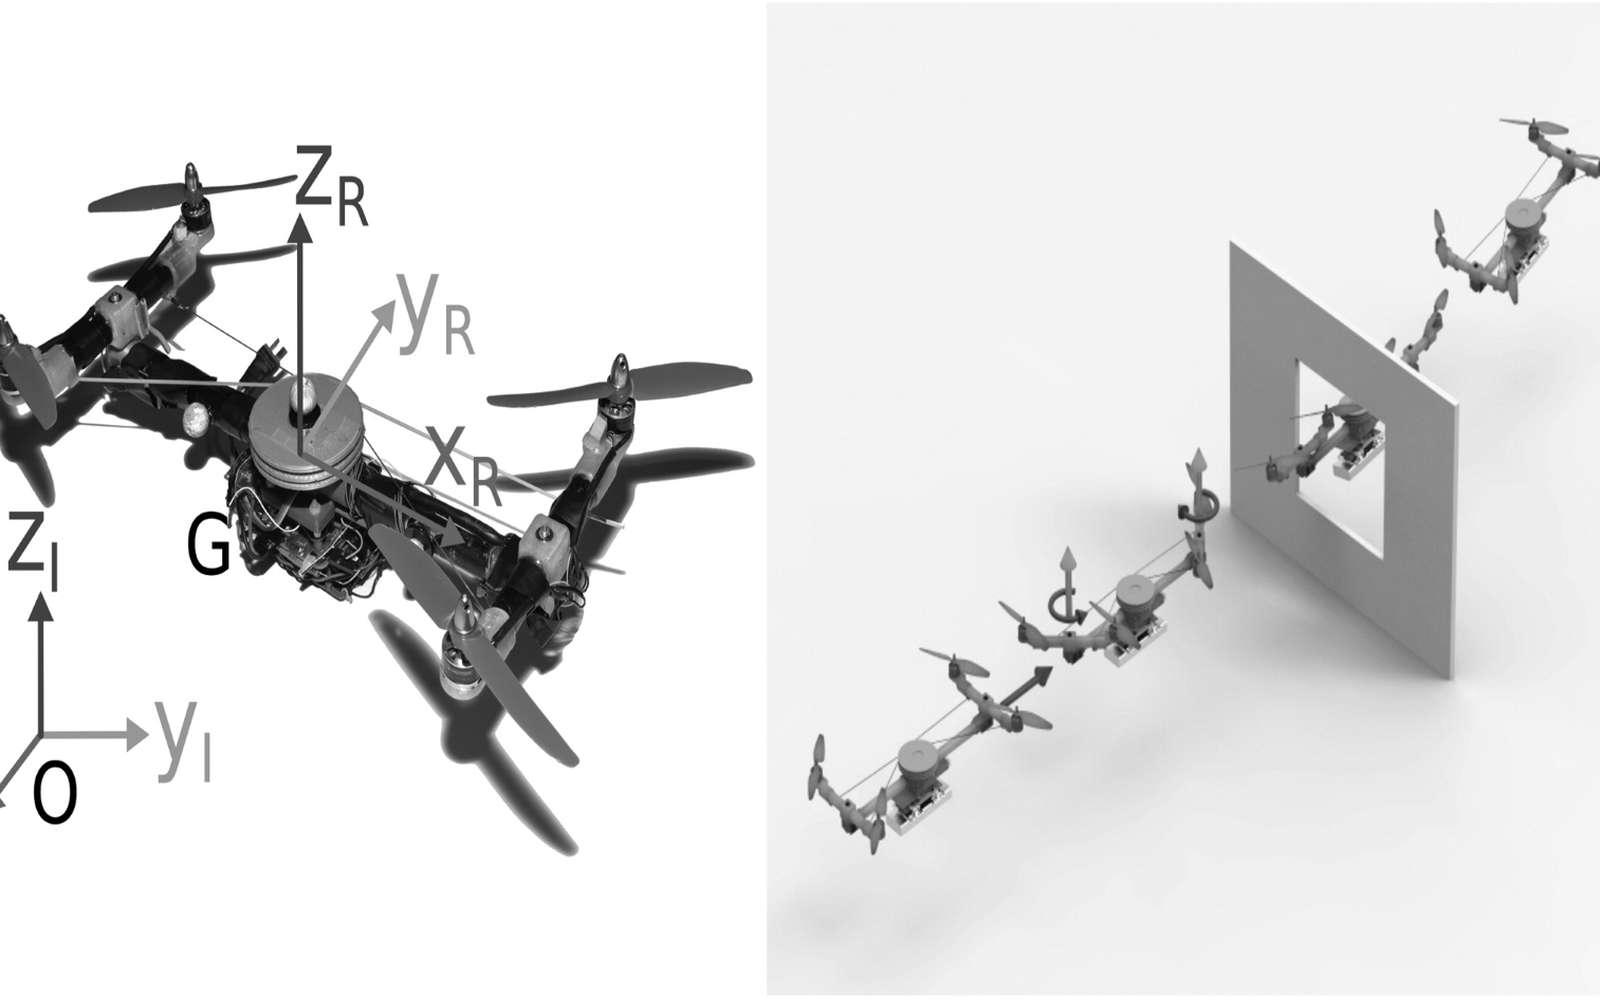 Le Quad-Morphing du CNRS peut réorienter ses bras pour se faufiler dans les interstices comme pourraient le faire les oiseaux en rabattant leurs ailes. De cette façon, ce drone peut réduire son envergure de 48 %. © Valentin Rivière et Stéphane Viollet, Institut des sciences du mouvement – Étienne Jules Marey (CNRS/Aix-Marseille Université)